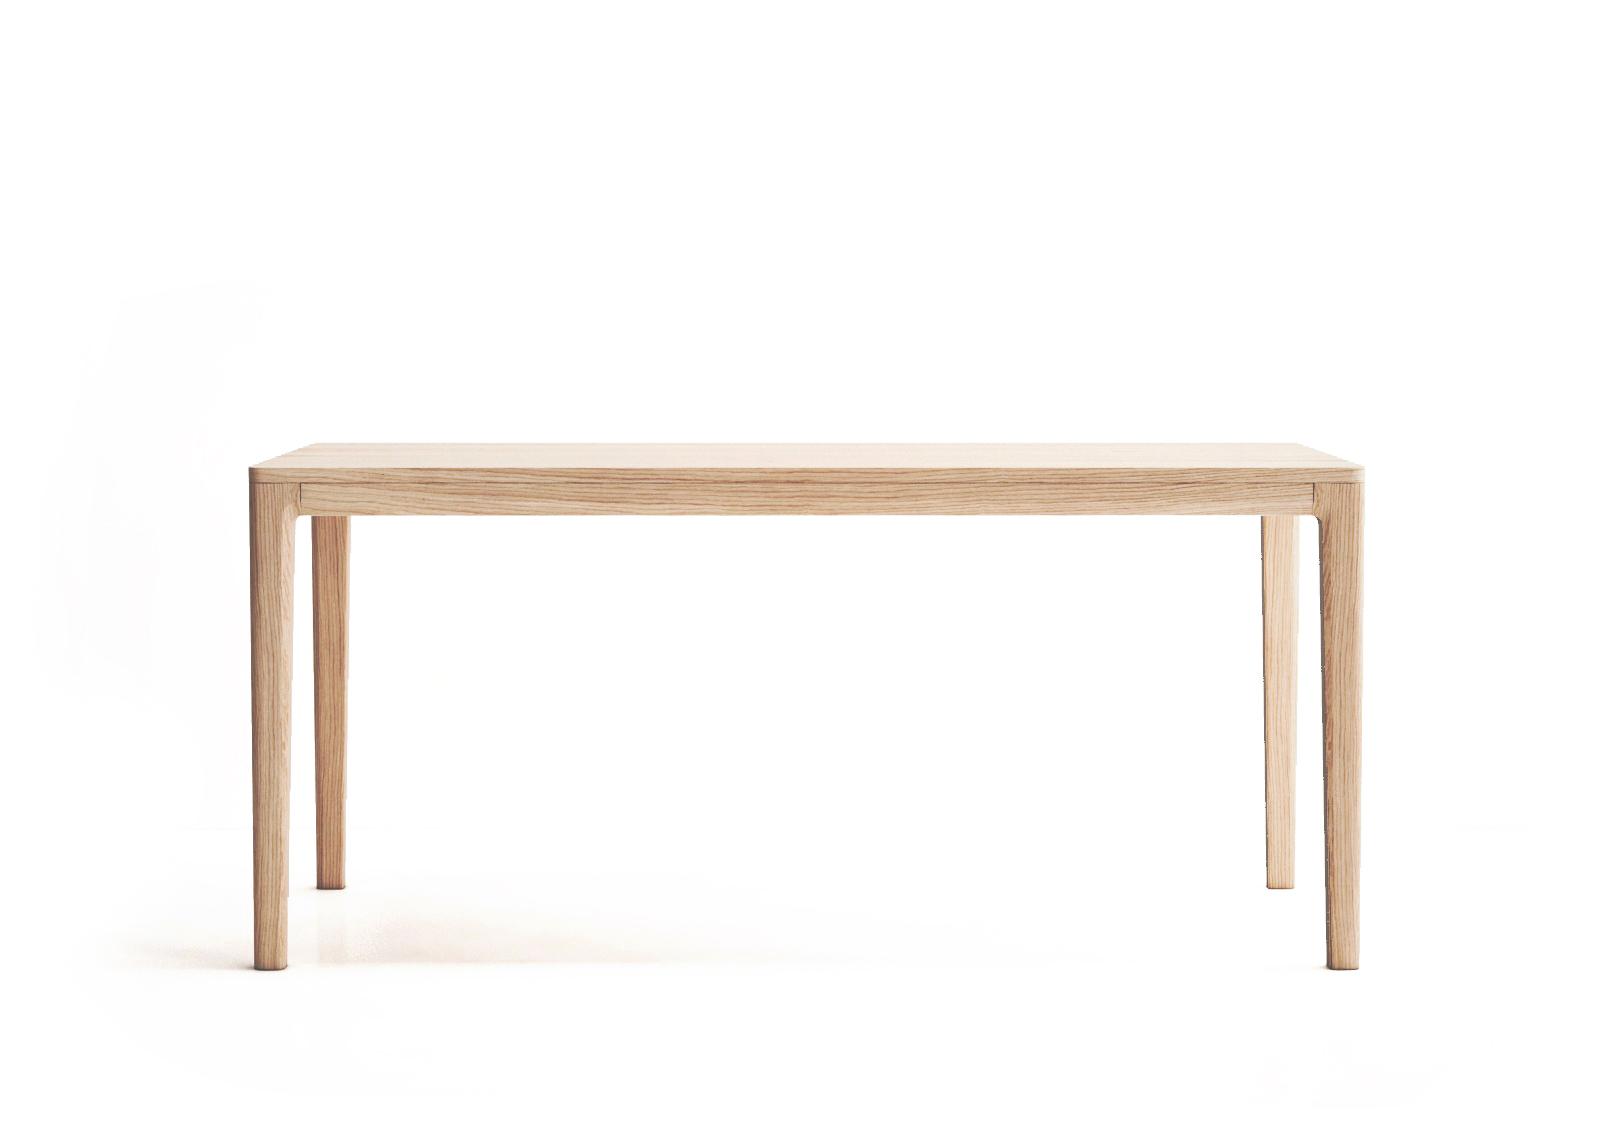 Стол MAVISОбеденные столы<br>Обеденный стол MAVIS представляет собой безупречный дизайн, элегантность и универсальность.Благодаря своему внешнему минимализму MAVIS отлично впишется в интерьер кухни, столовой или офиса.Размеры стола рассчитаны на 6-8 персон.&amp;lt;div&amp;gt;&amp;lt;br&amp;gt;&amp;lt;/div&amp;gt;&amp;lt;div&amp;gt;Материал: массив дуба, МДФ, натуральный шпон дуба, лак.&amp;lt;br&amp;gt;&amp;lt;/div&amp;gt;<br><br>Material: Дуб<br>Length см: None<br>Width см: 160<br>Depth см: 80<br>Height см: 75<br>Diameter см: None